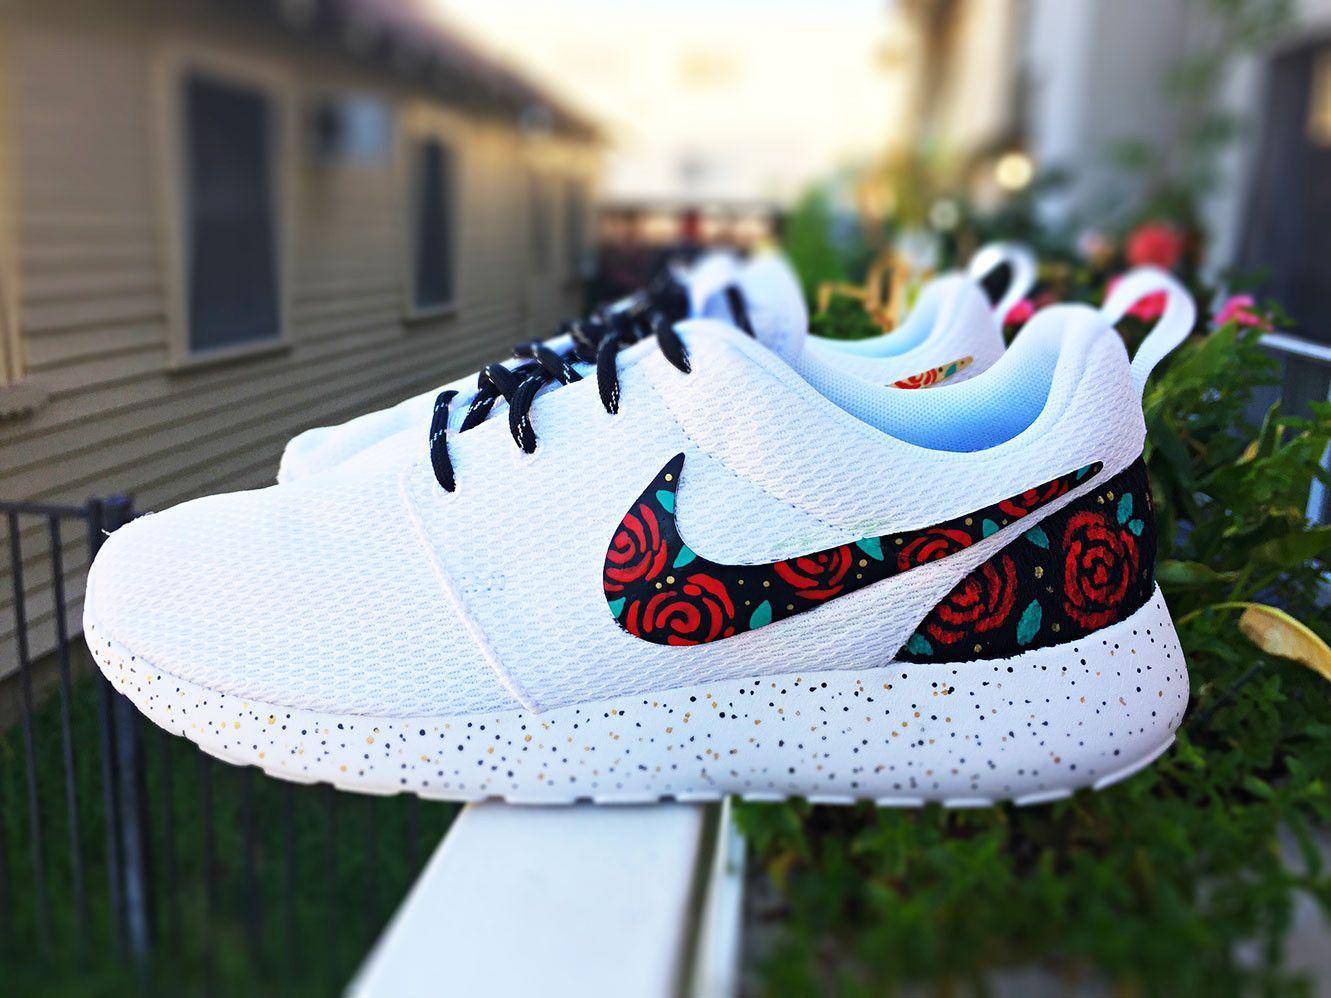 sports shoes 2bde3 95e08 Custom Nike Roshe Run Rose design, floral custom roshe, Rose Gold design,  Red…